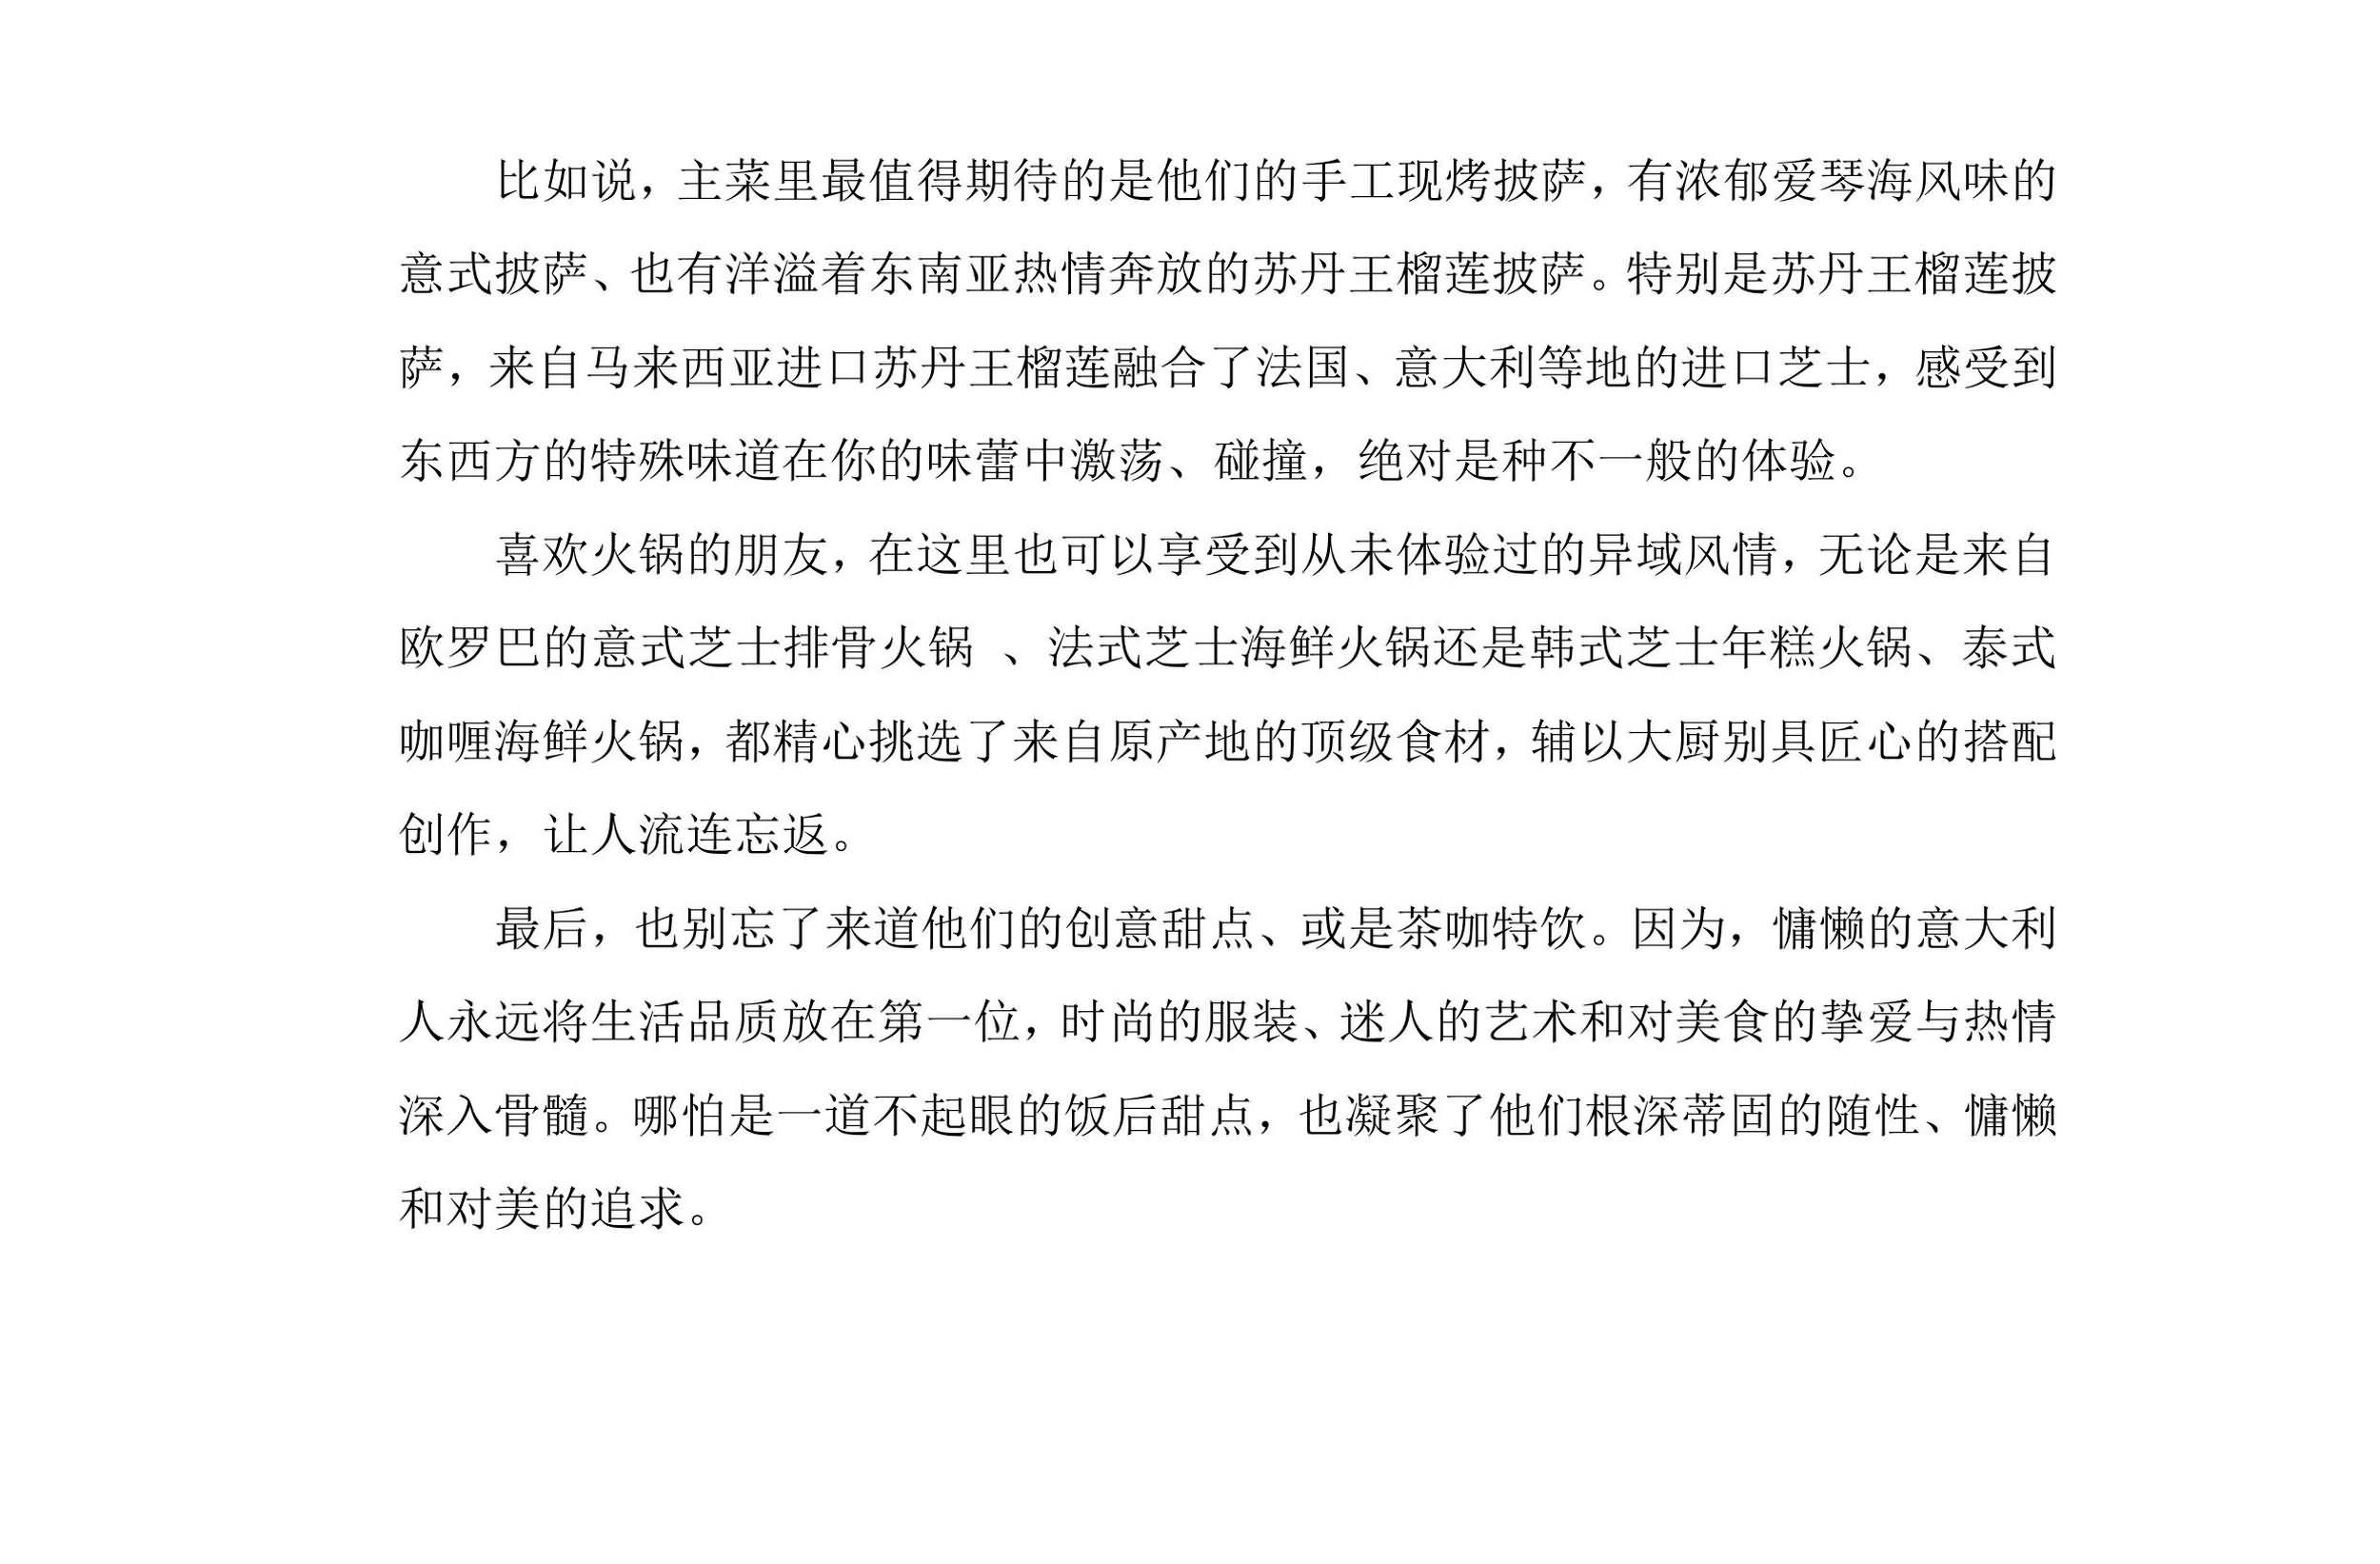 香港乐源餐饮集团有限公司21